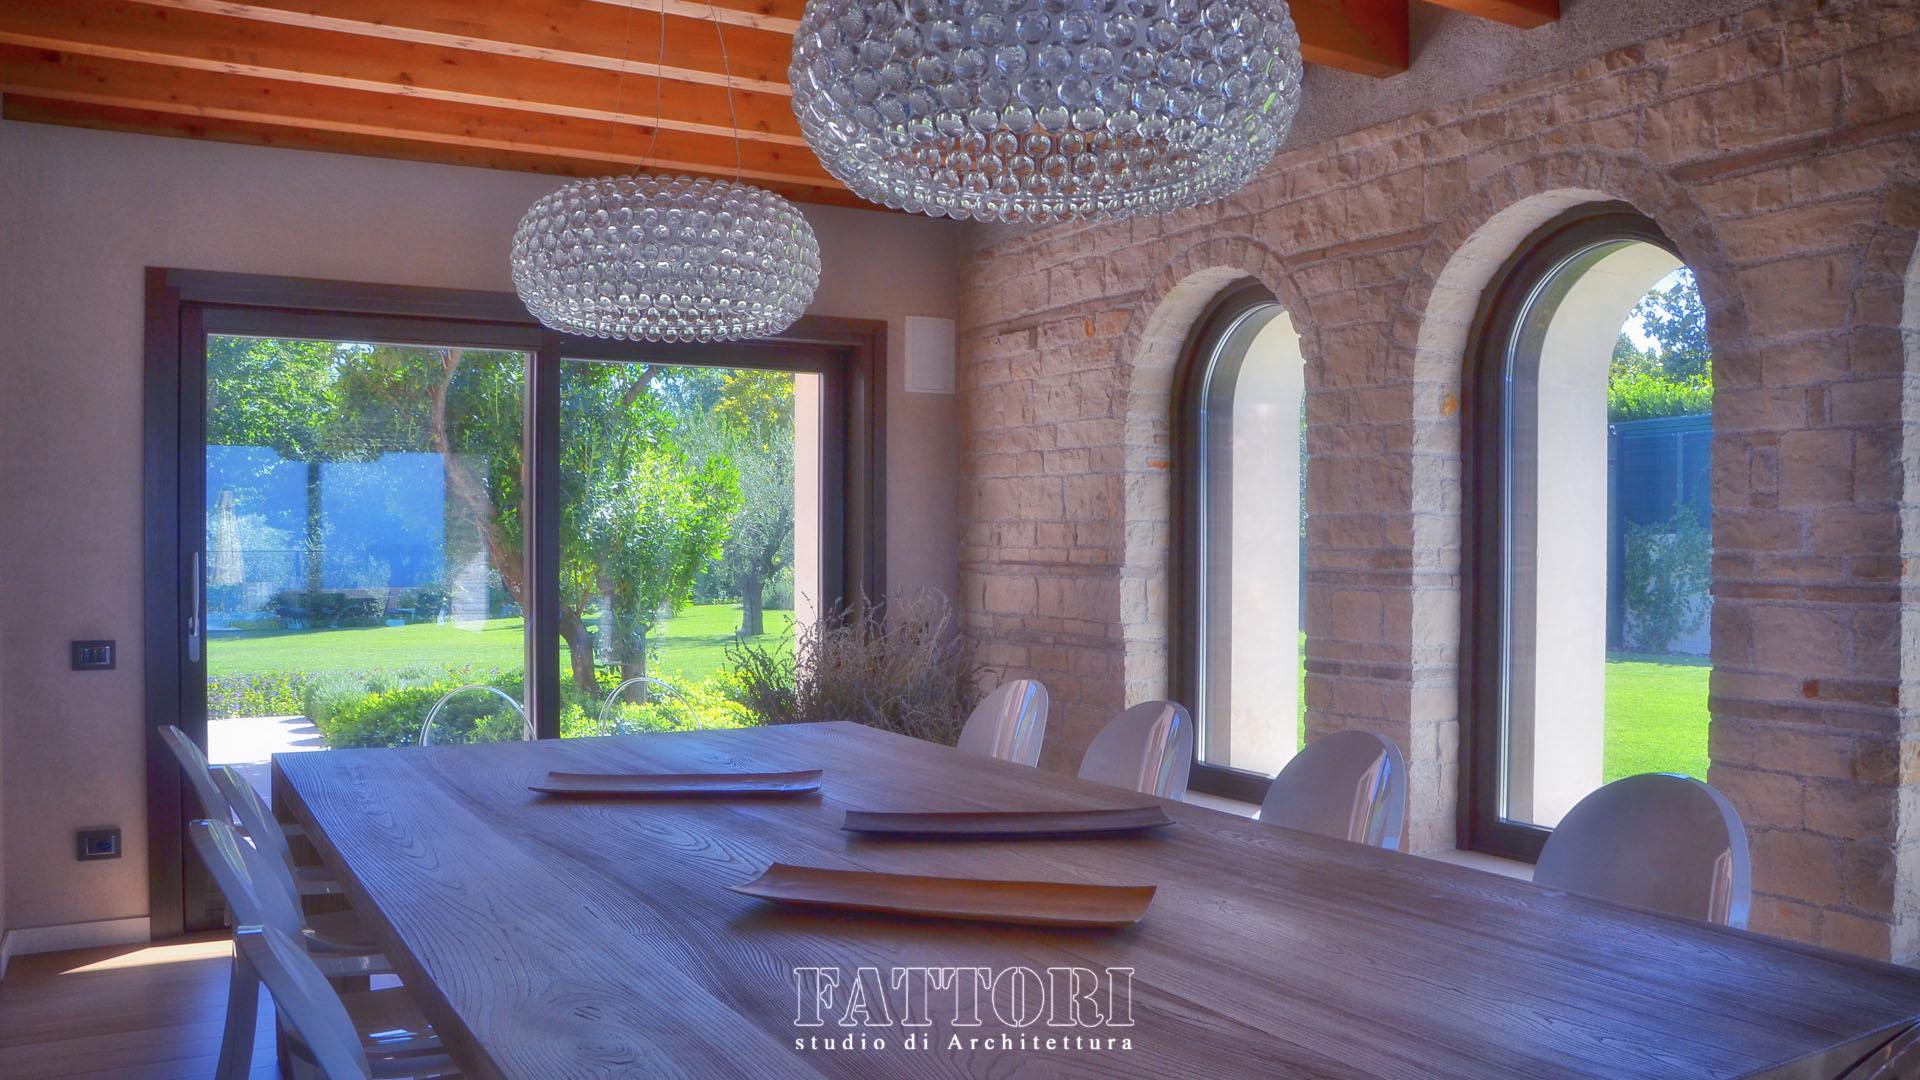 Studio di Architettura Fattori Fausto_progettazione ville residenziali_15